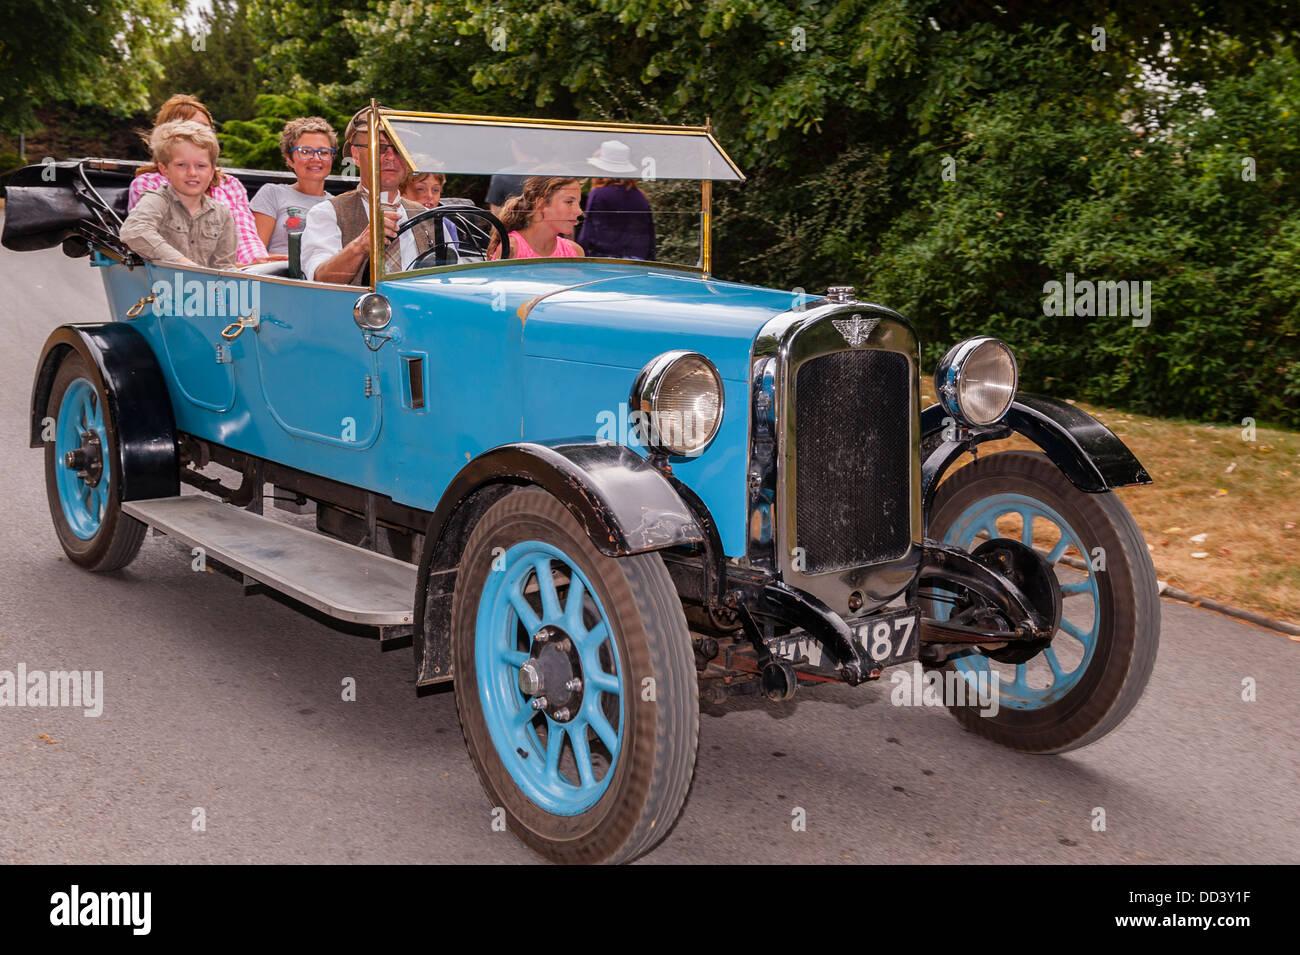 An old car at the National Motor Museum at Beaulieu in Beaulieu ...